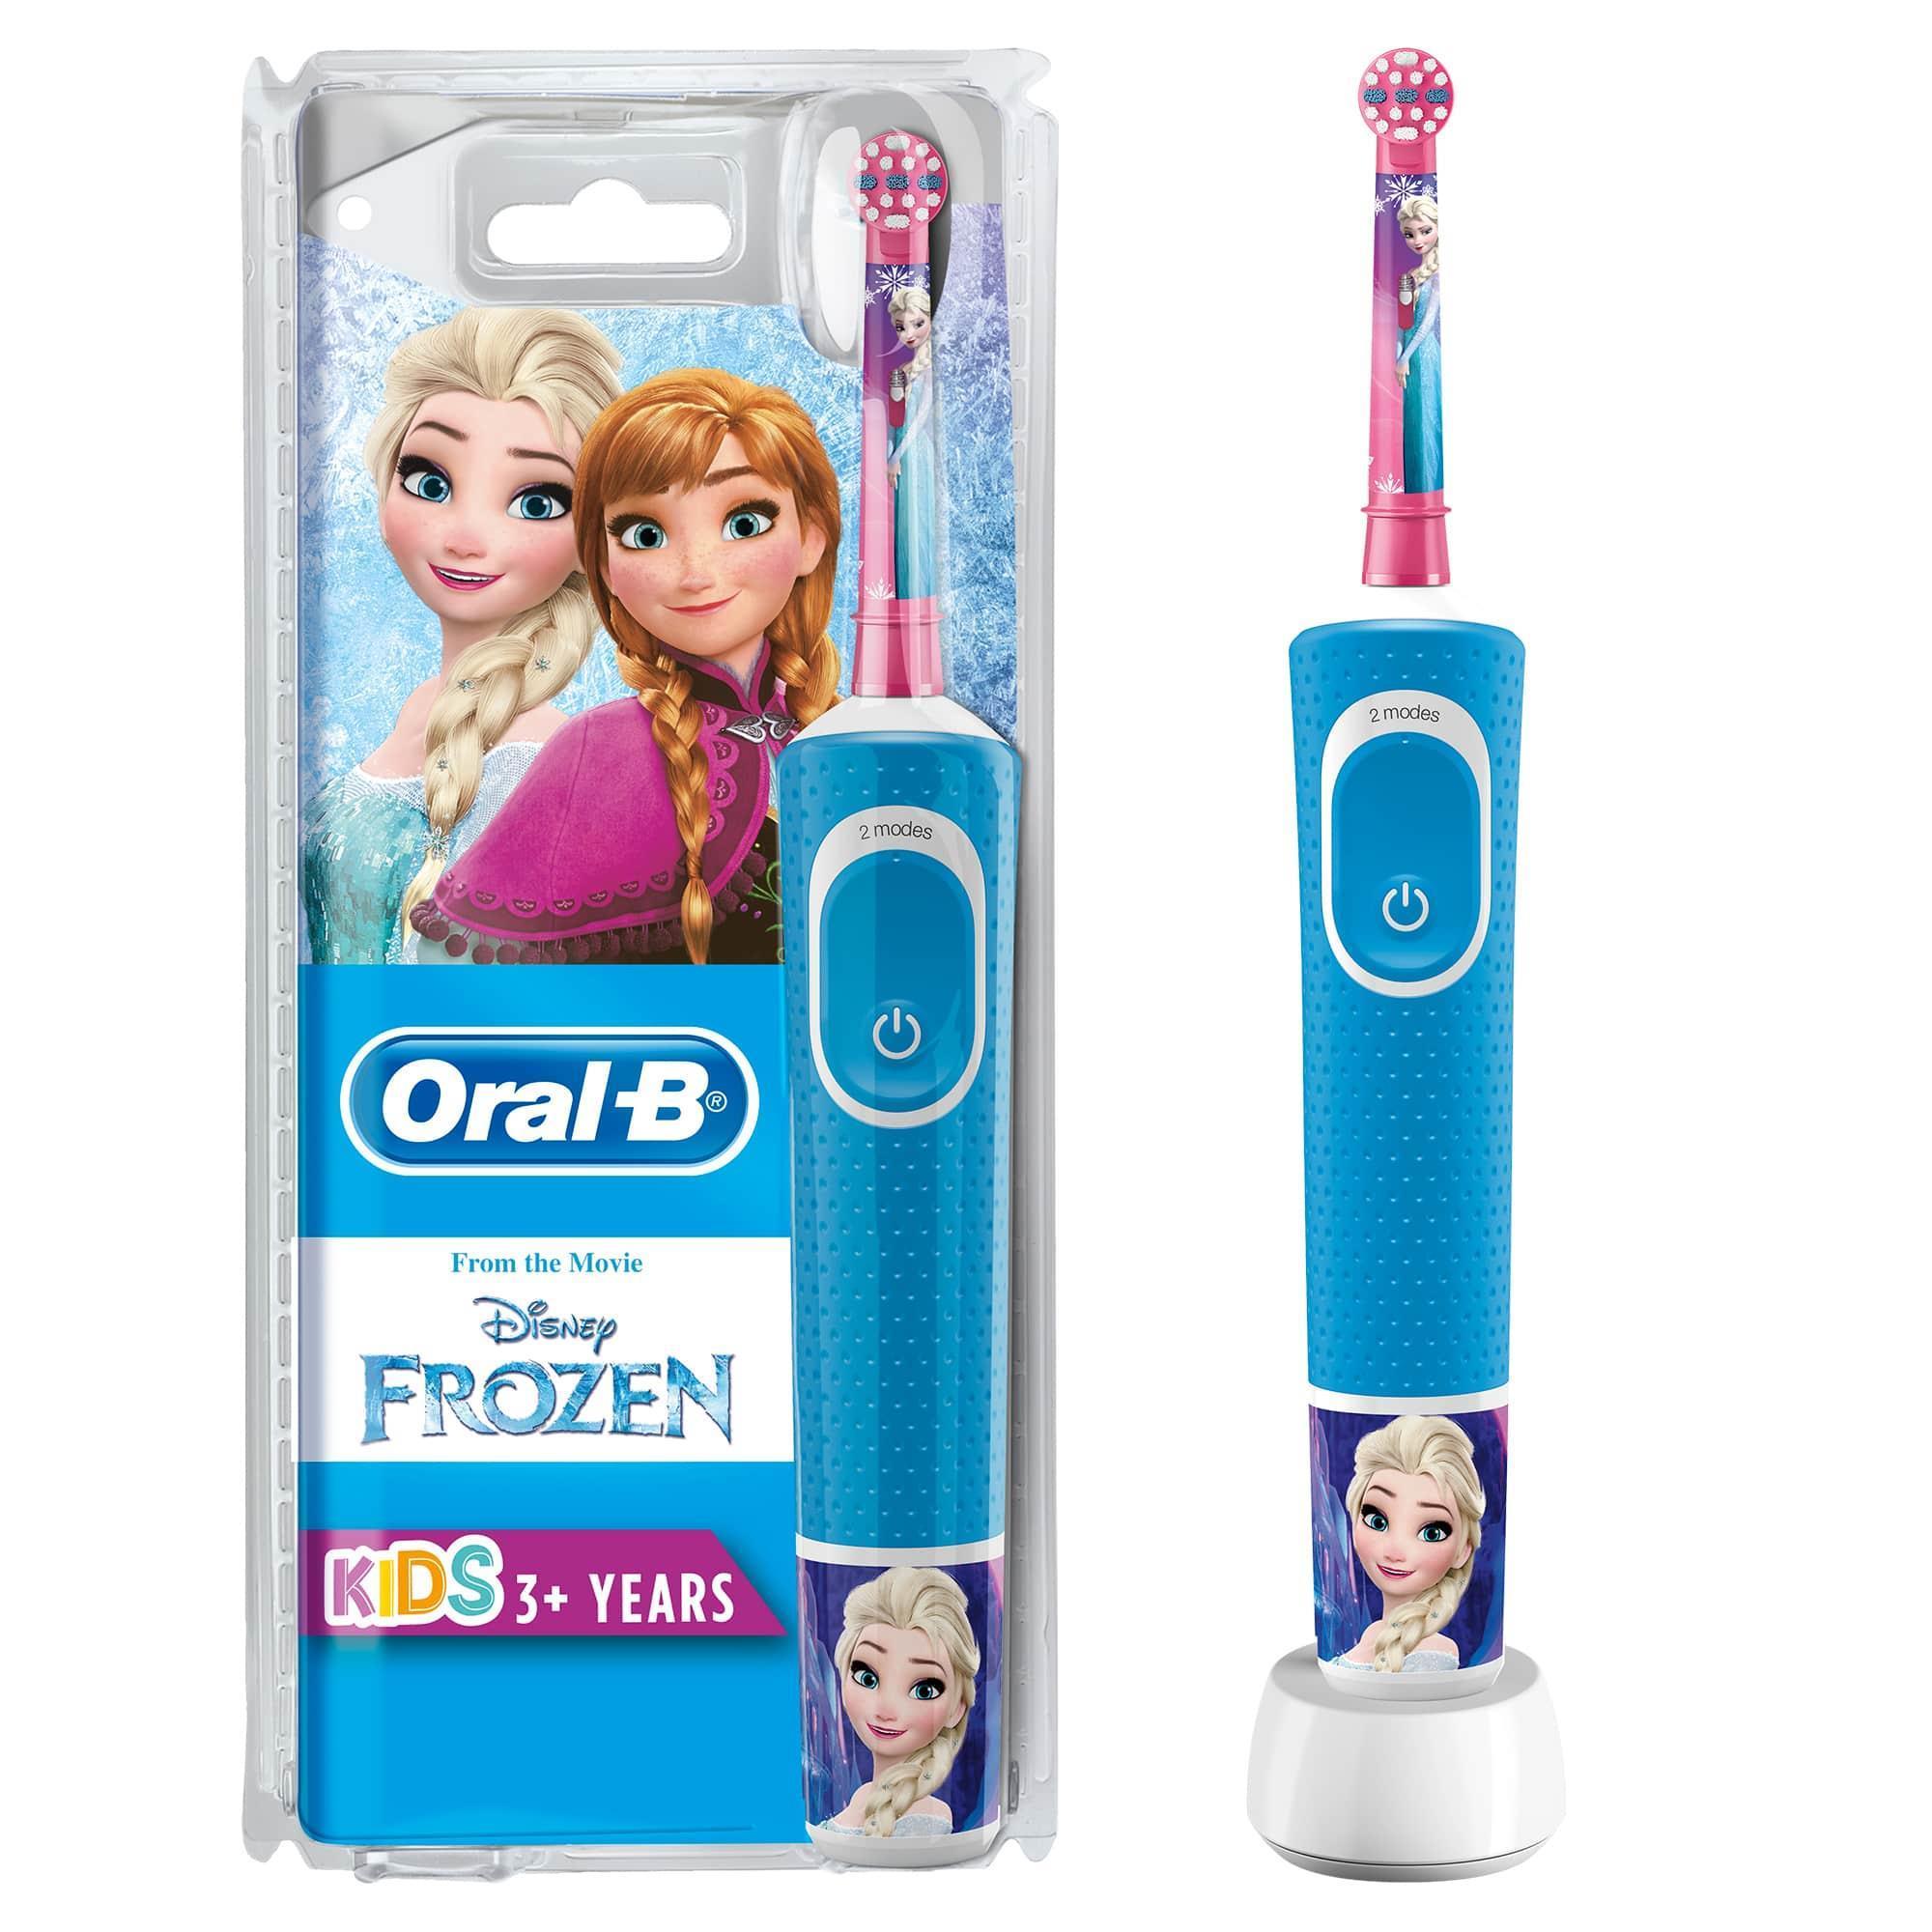 Oral-B - Oral-B D100 Vitality Frozen Özel Seri Çocuklar İçin Şarj Edilebilir Diş Fırçası